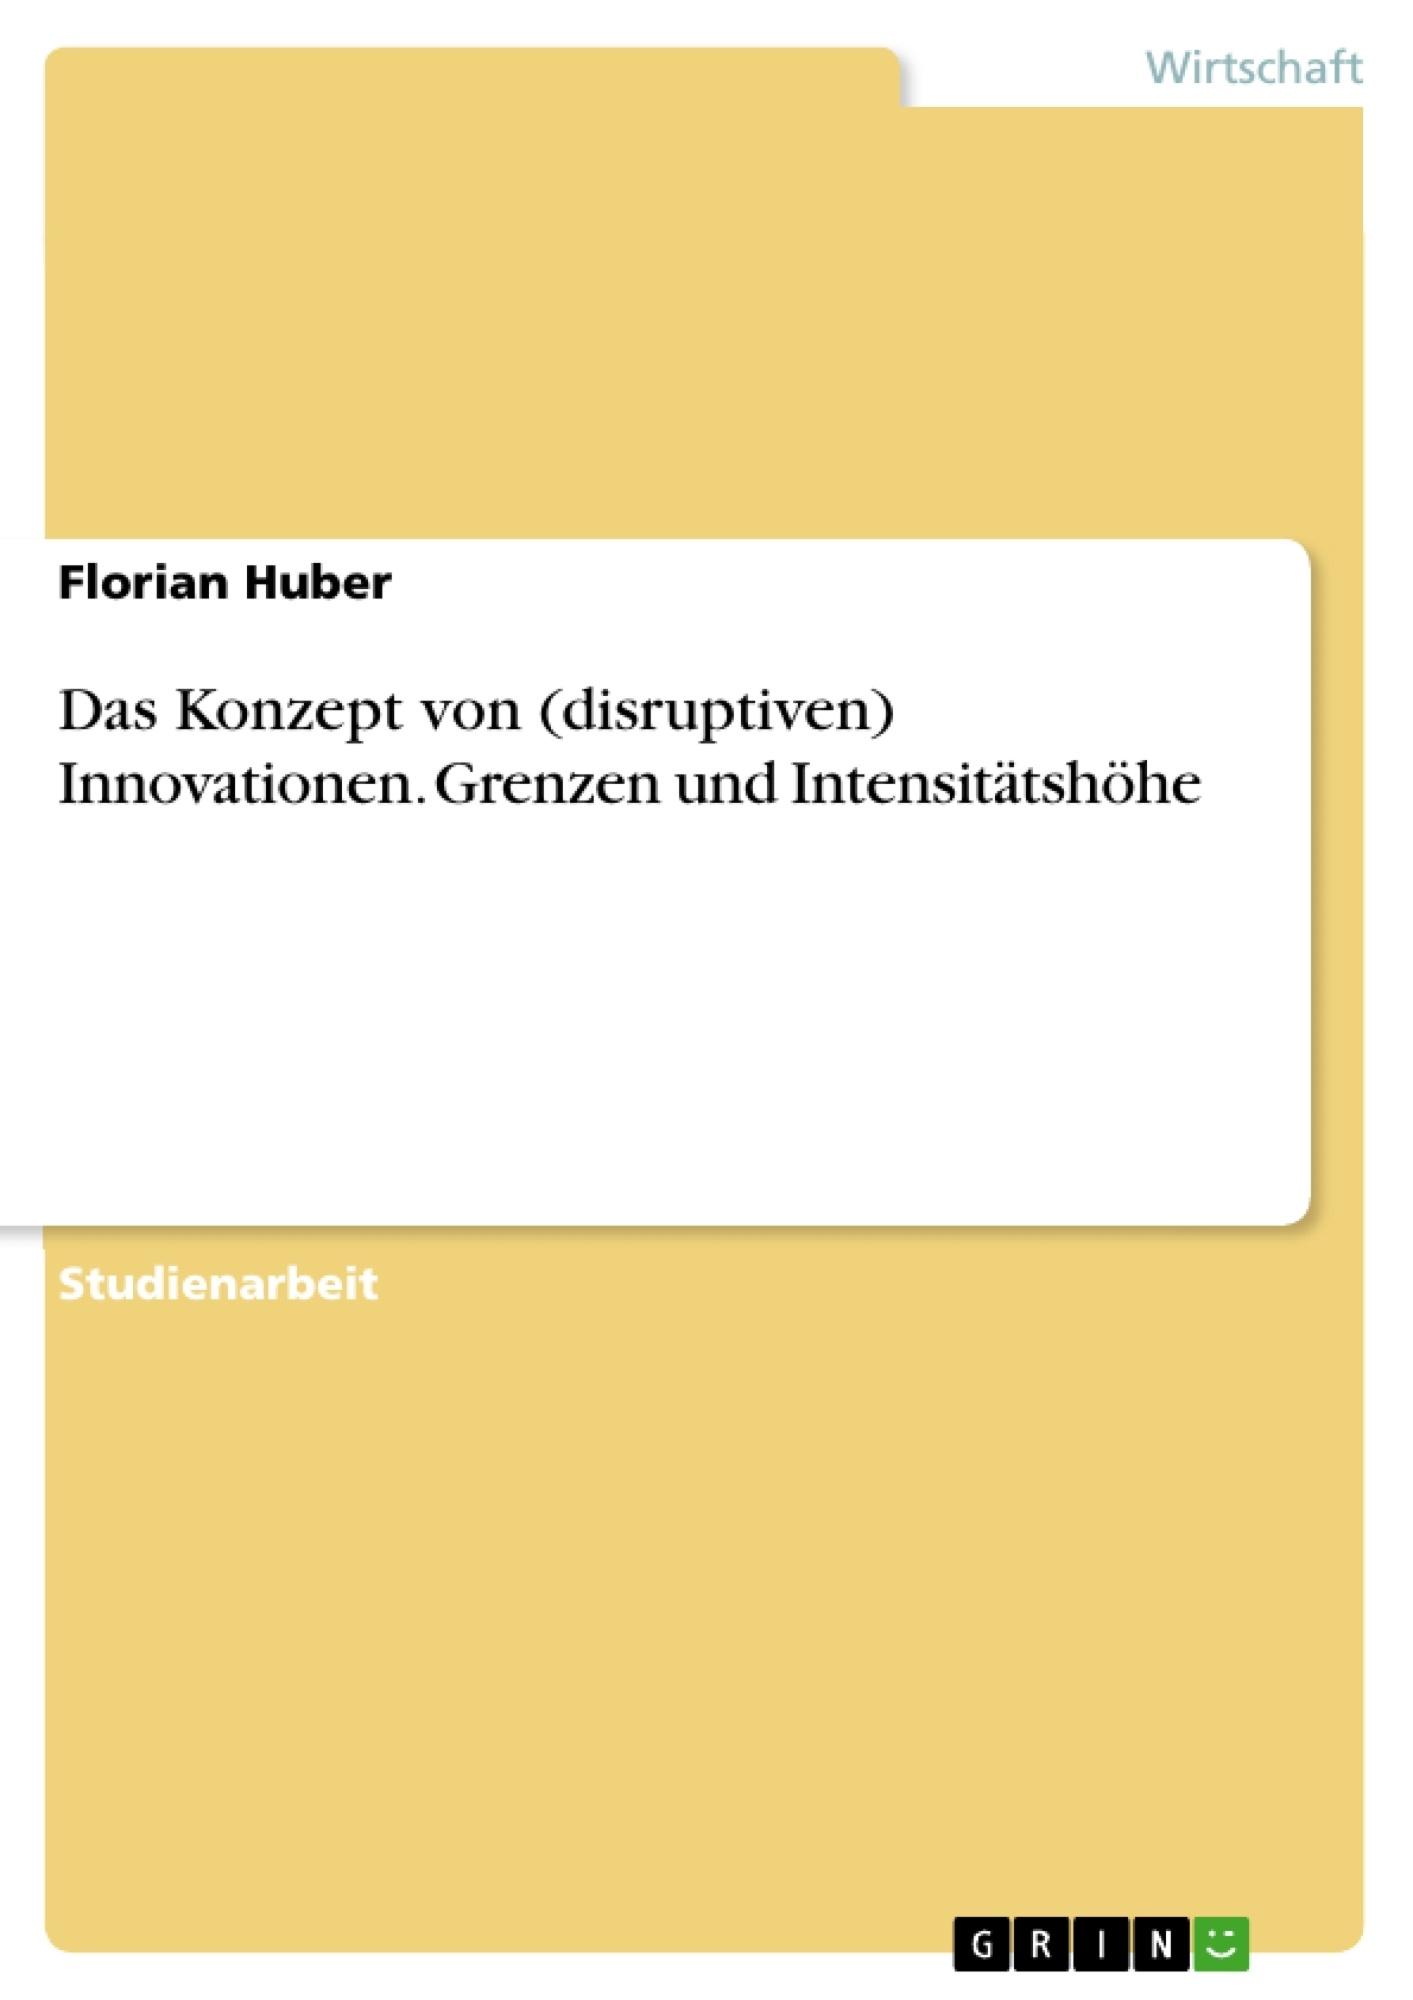 Titel: Das Konzept von (disruptiven) Innovationen. Grenzen und Intensitätshöhe